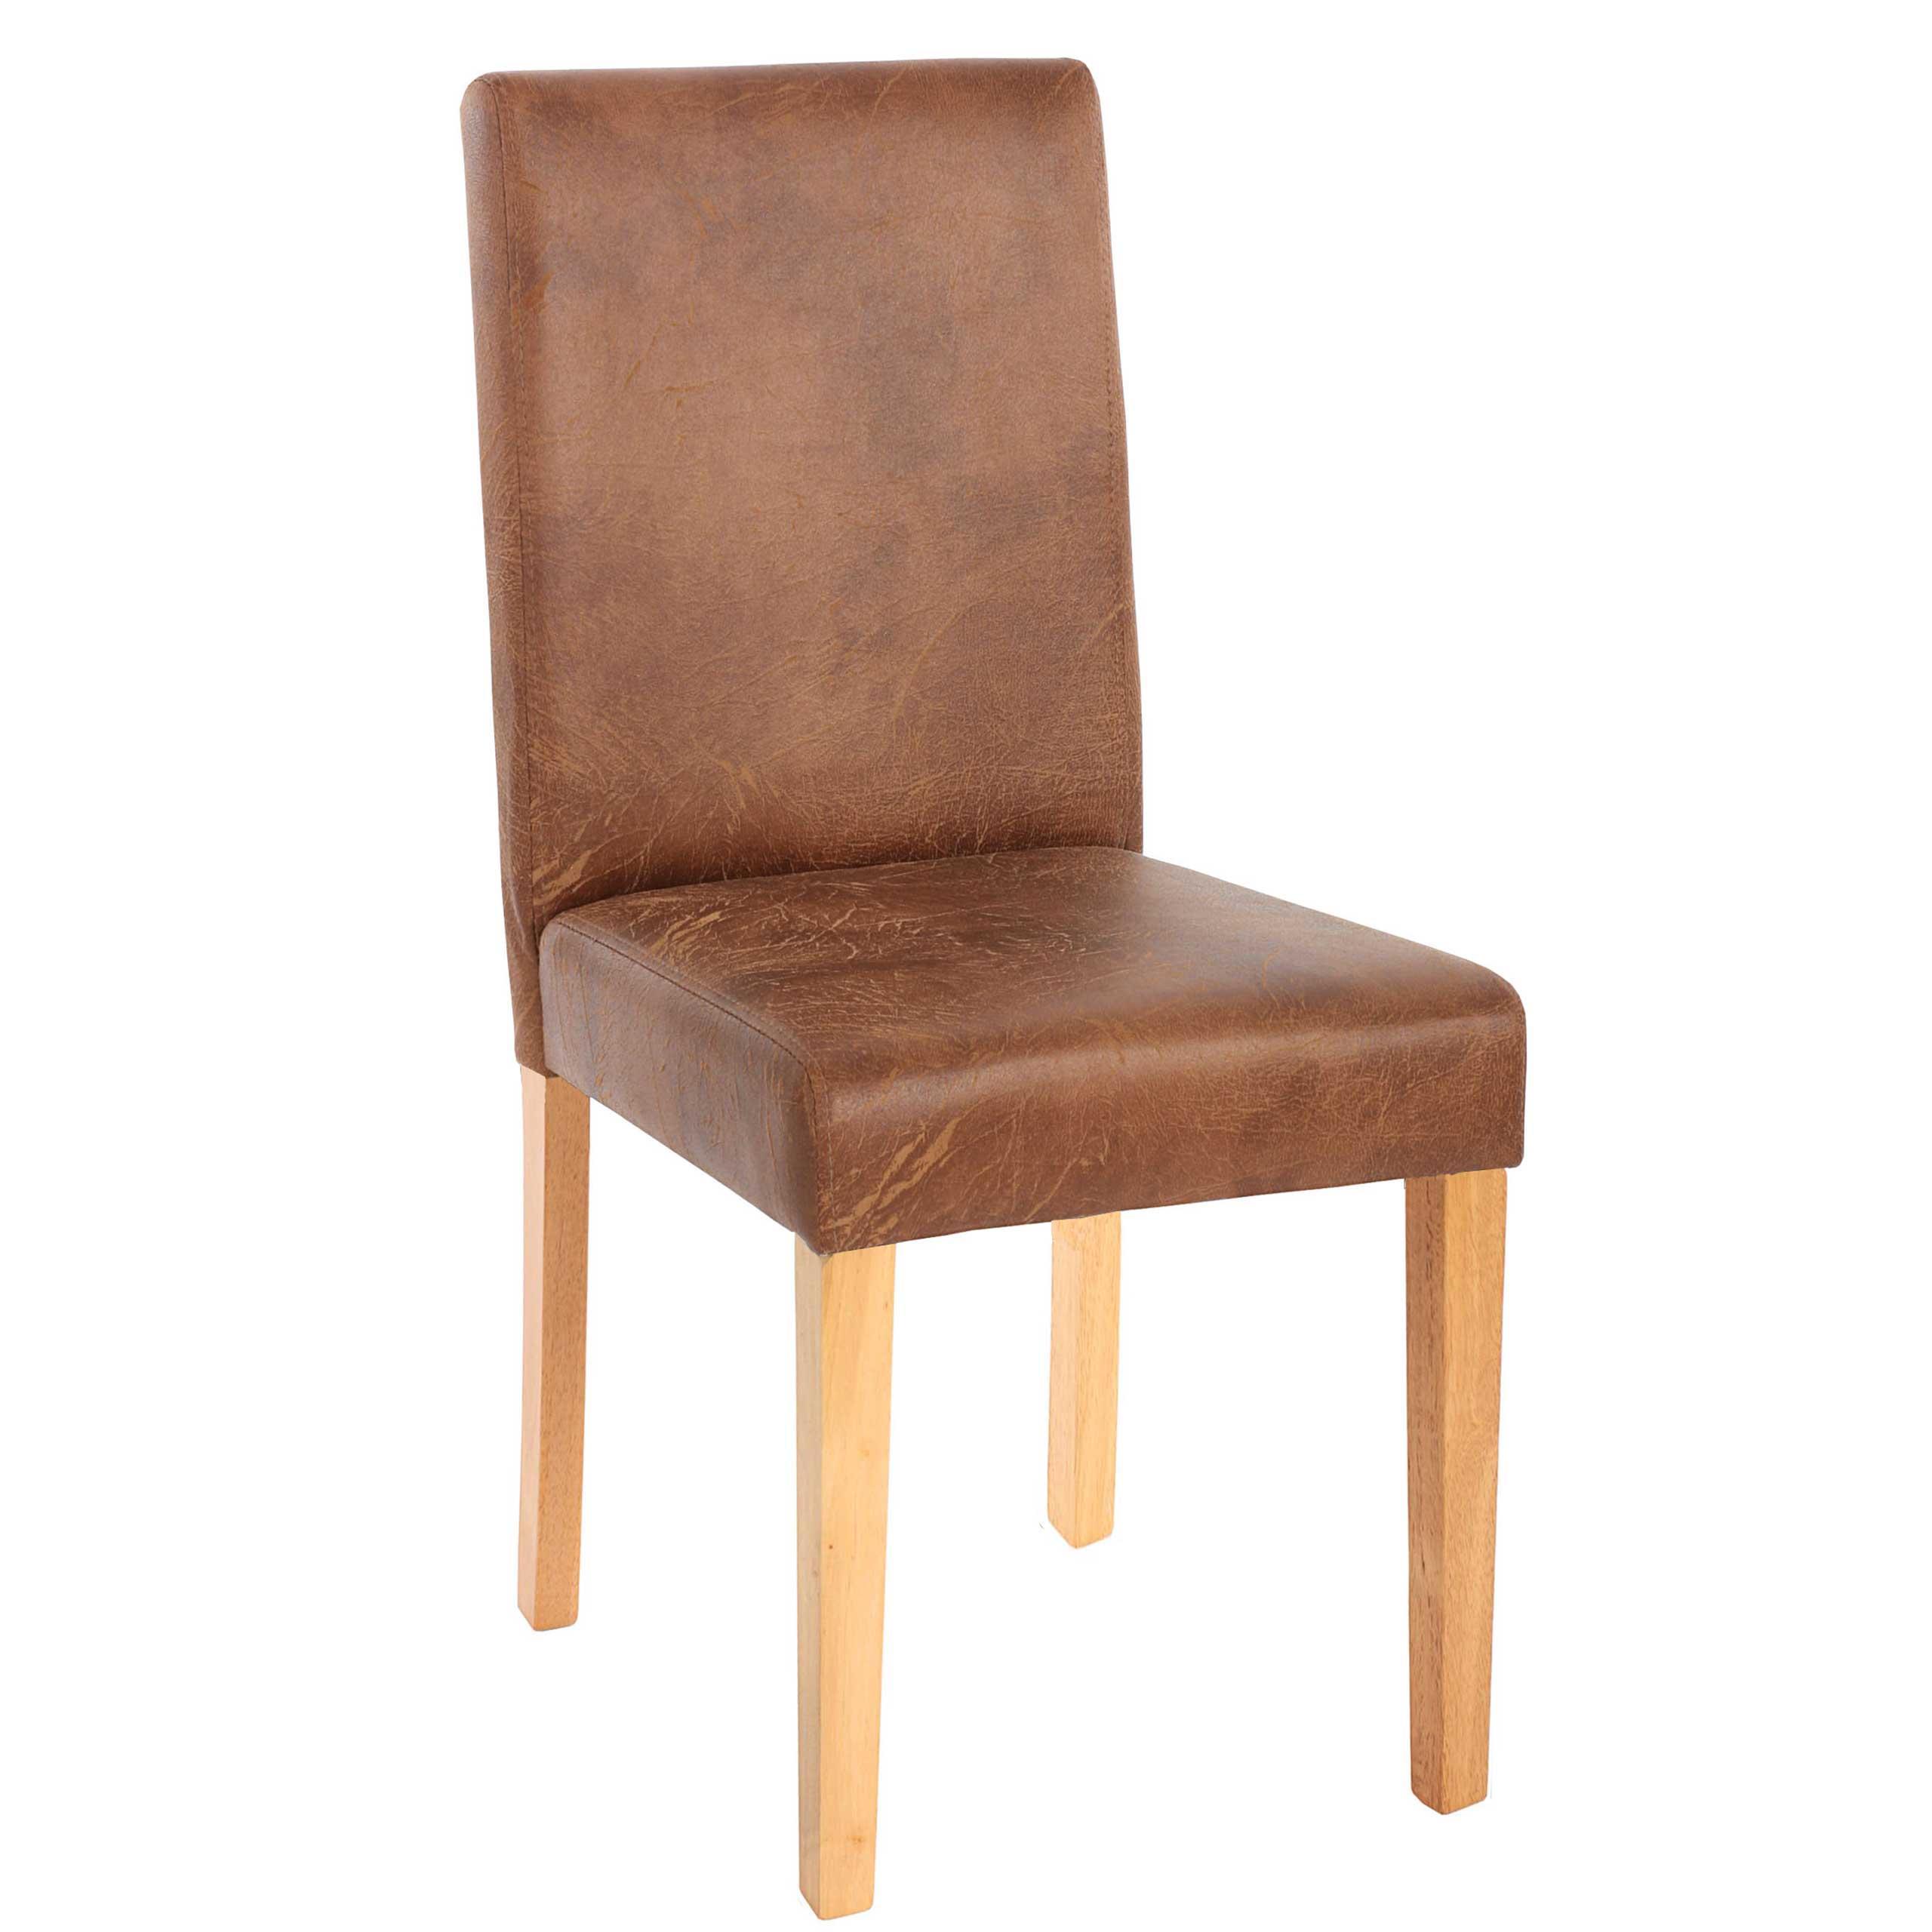 Lote 6 sillas de comedor litau precioso dise o piel - Sillas de comedor economicas ...